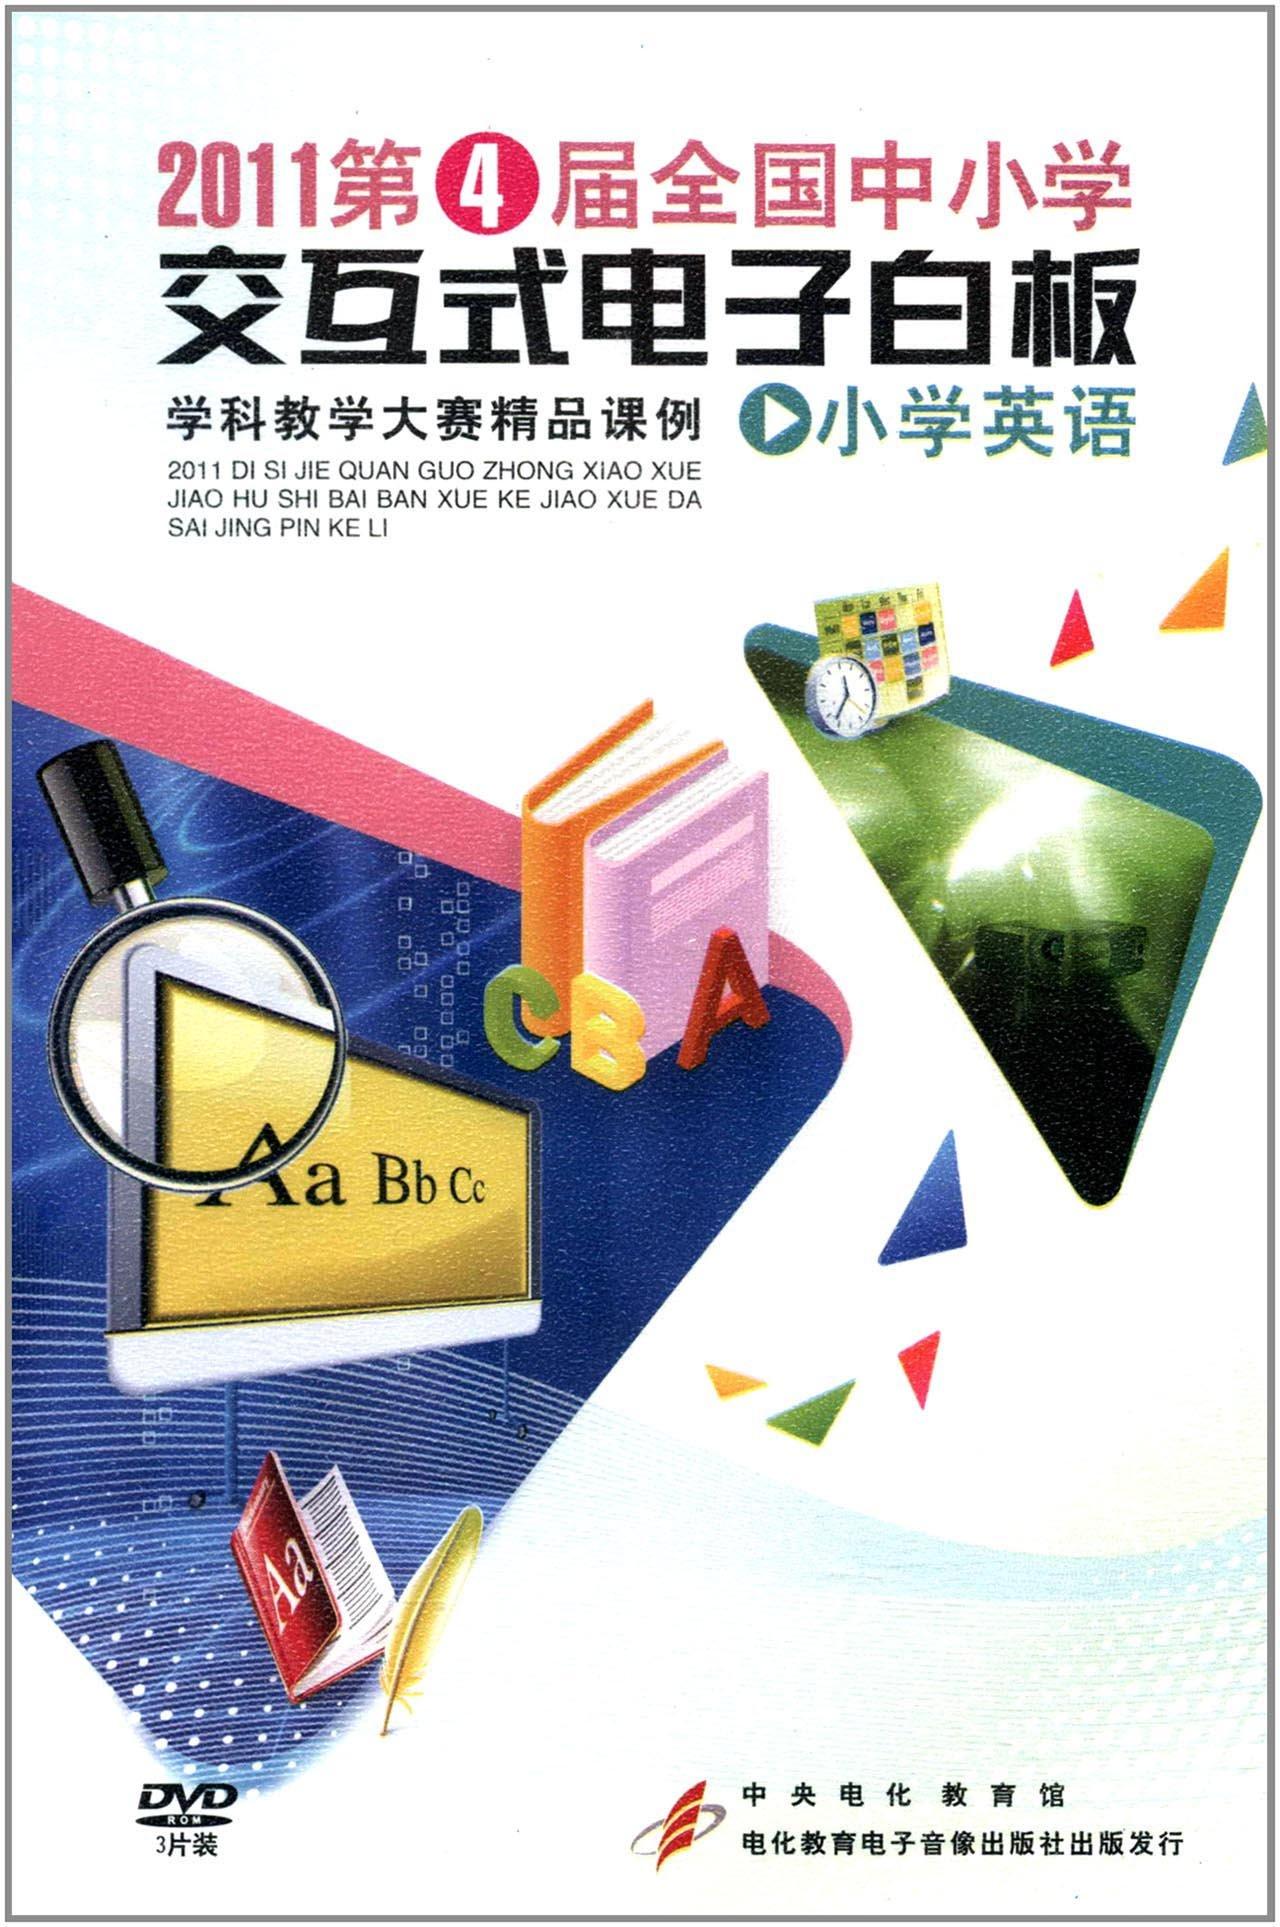 2011第四届小学中小学交互式电子白板全国教毕业学科泪催图片